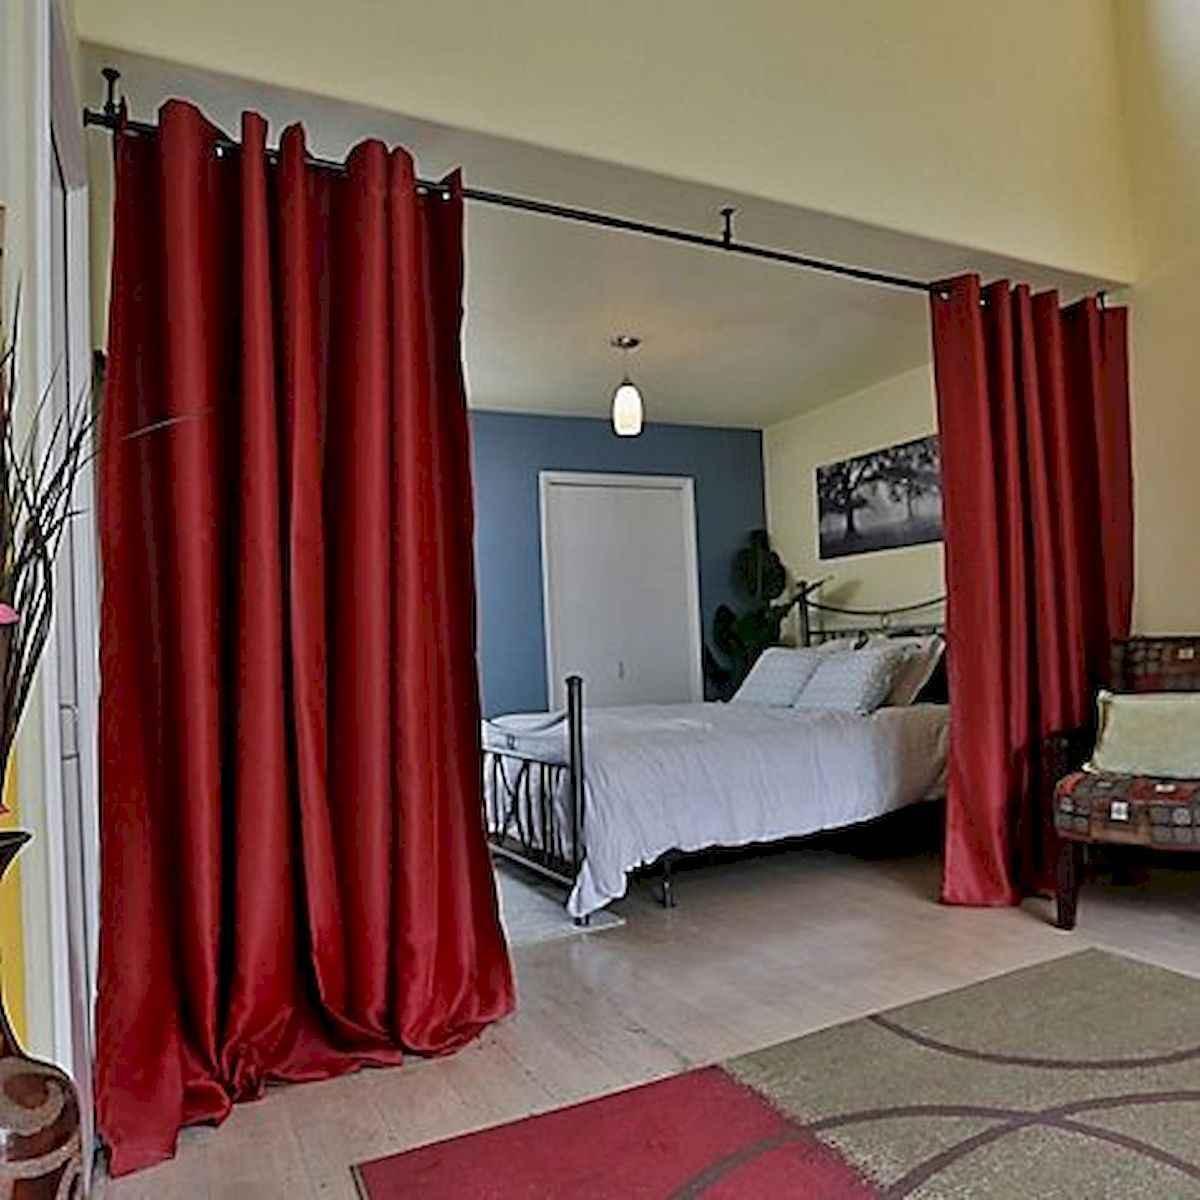 40 Favorite Studio Apartment Room Dividers Curtains Design Ideas and Decor (14)